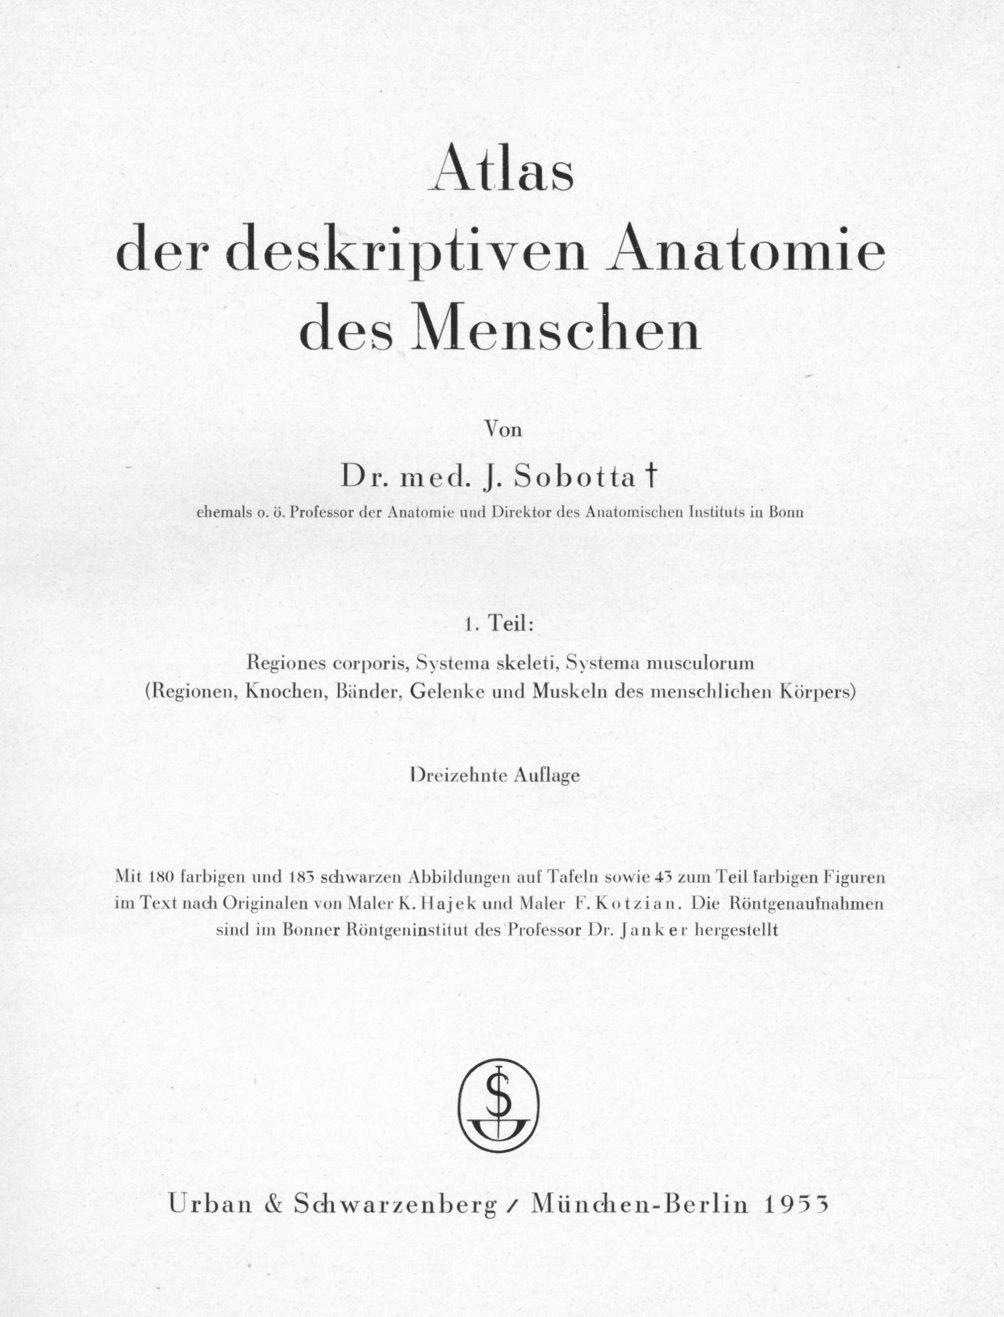 atlas der anatomie des menschen - ZVAB